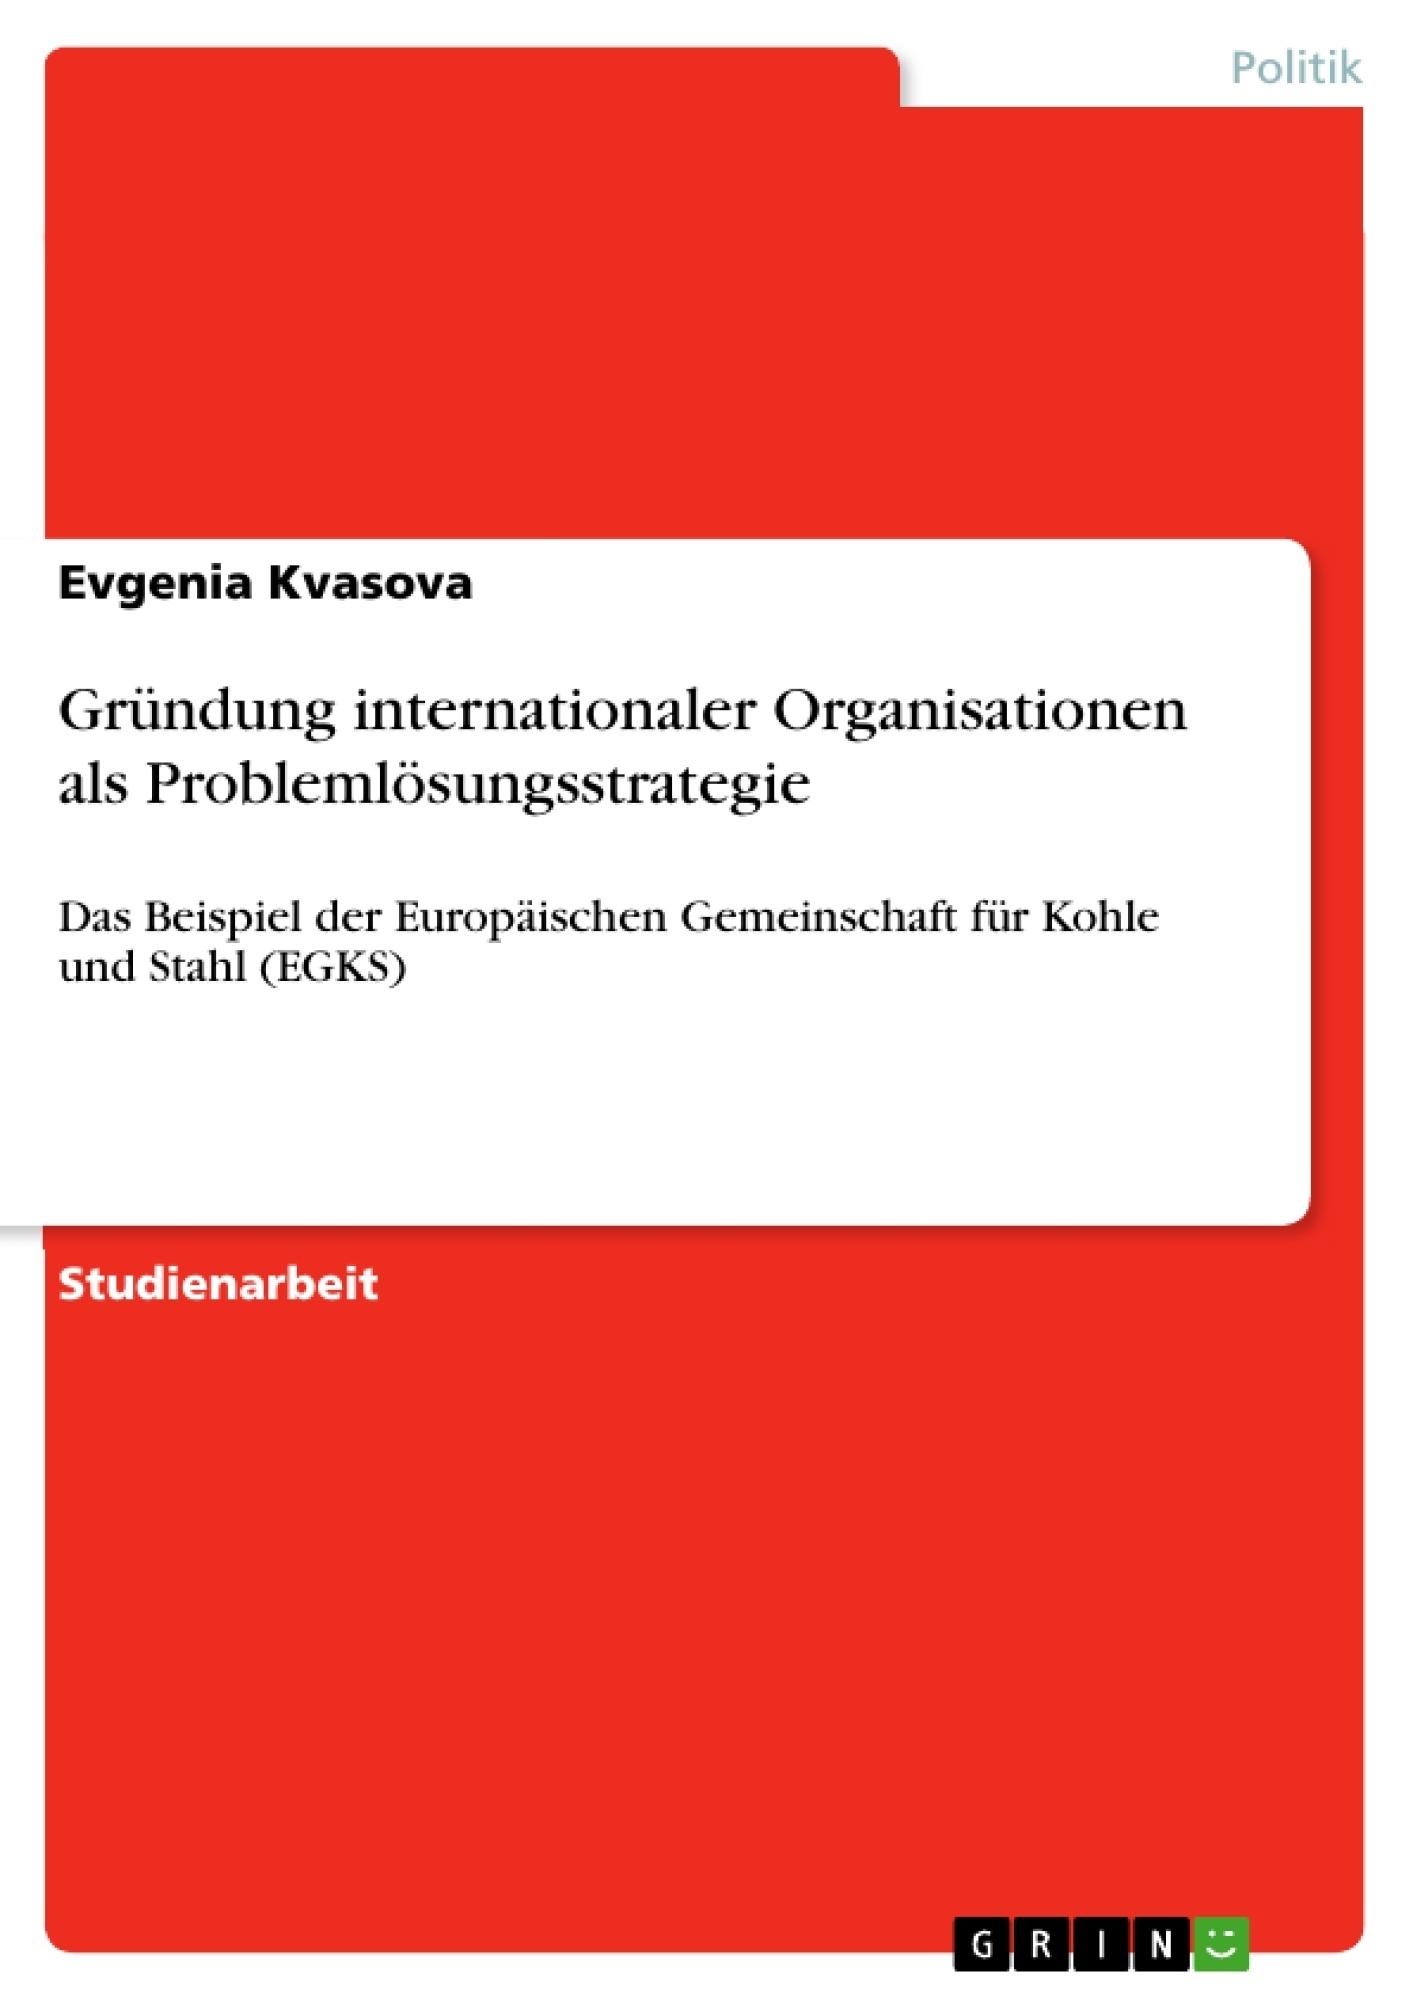 Titel: Gründung internationaler Organisationen als Problemlösungsstrategie